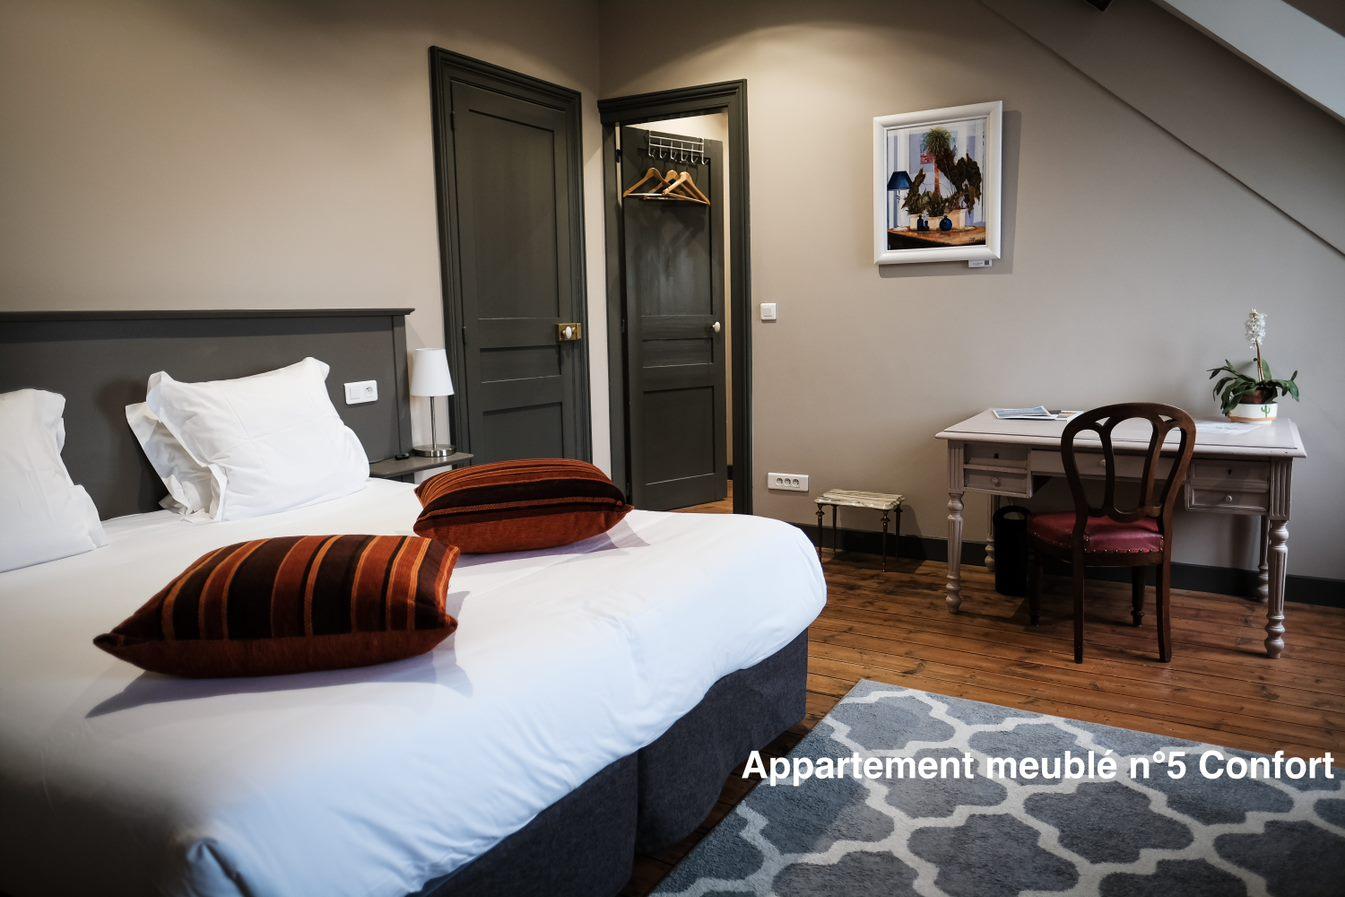 The nest - Appartement meublé avec vue direct sur la cathédrale d'Amiens, appart'hotel avec services hoteliers, bien plus qu'un simple appartement, tout est inclus, pour une location à la semaine ou au mois en amoureux ou avec les enfants